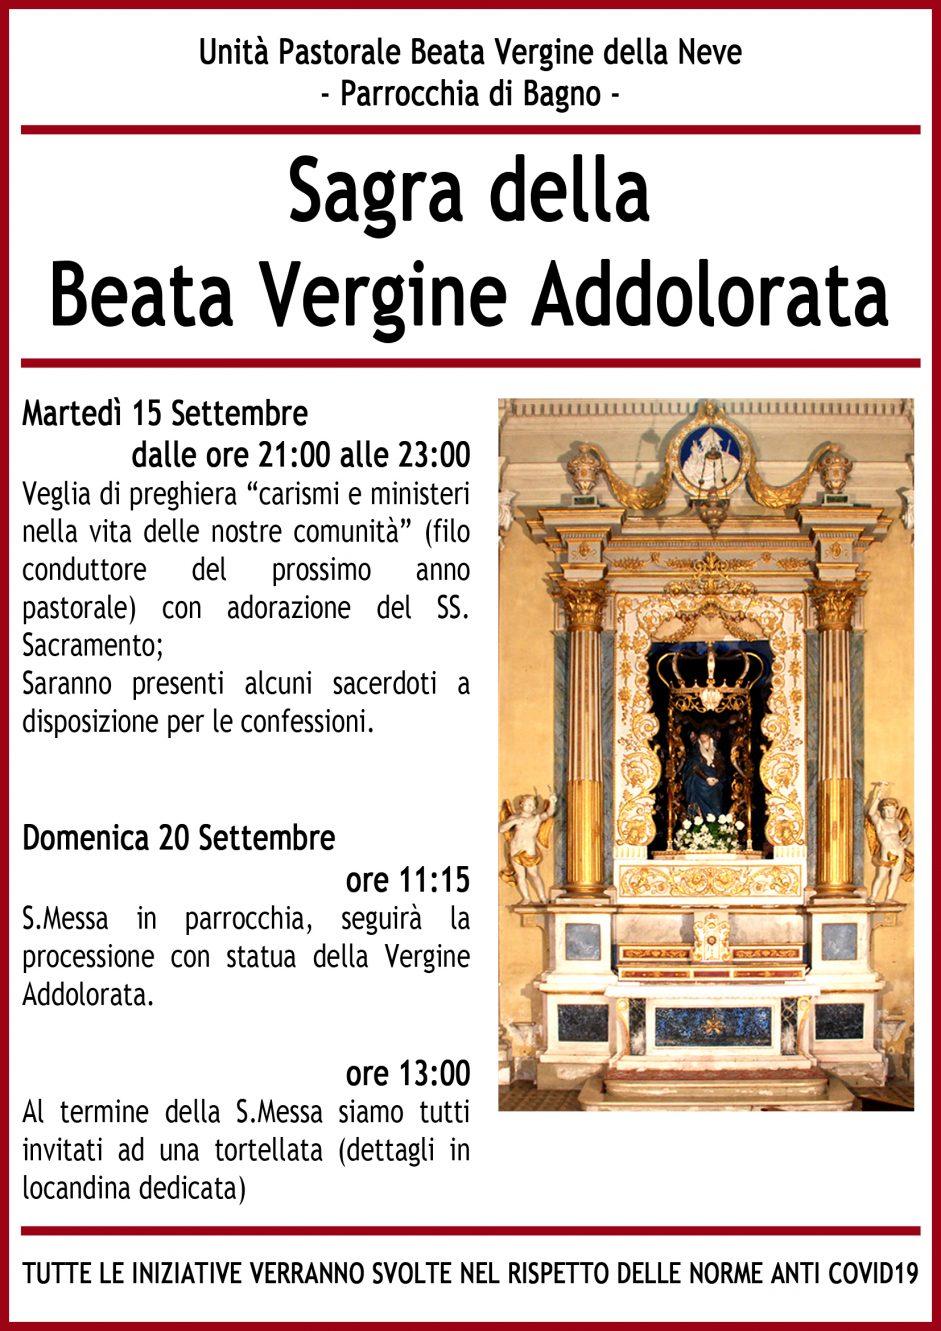 Sagra della Beata Vergine Addolorata, Bagno